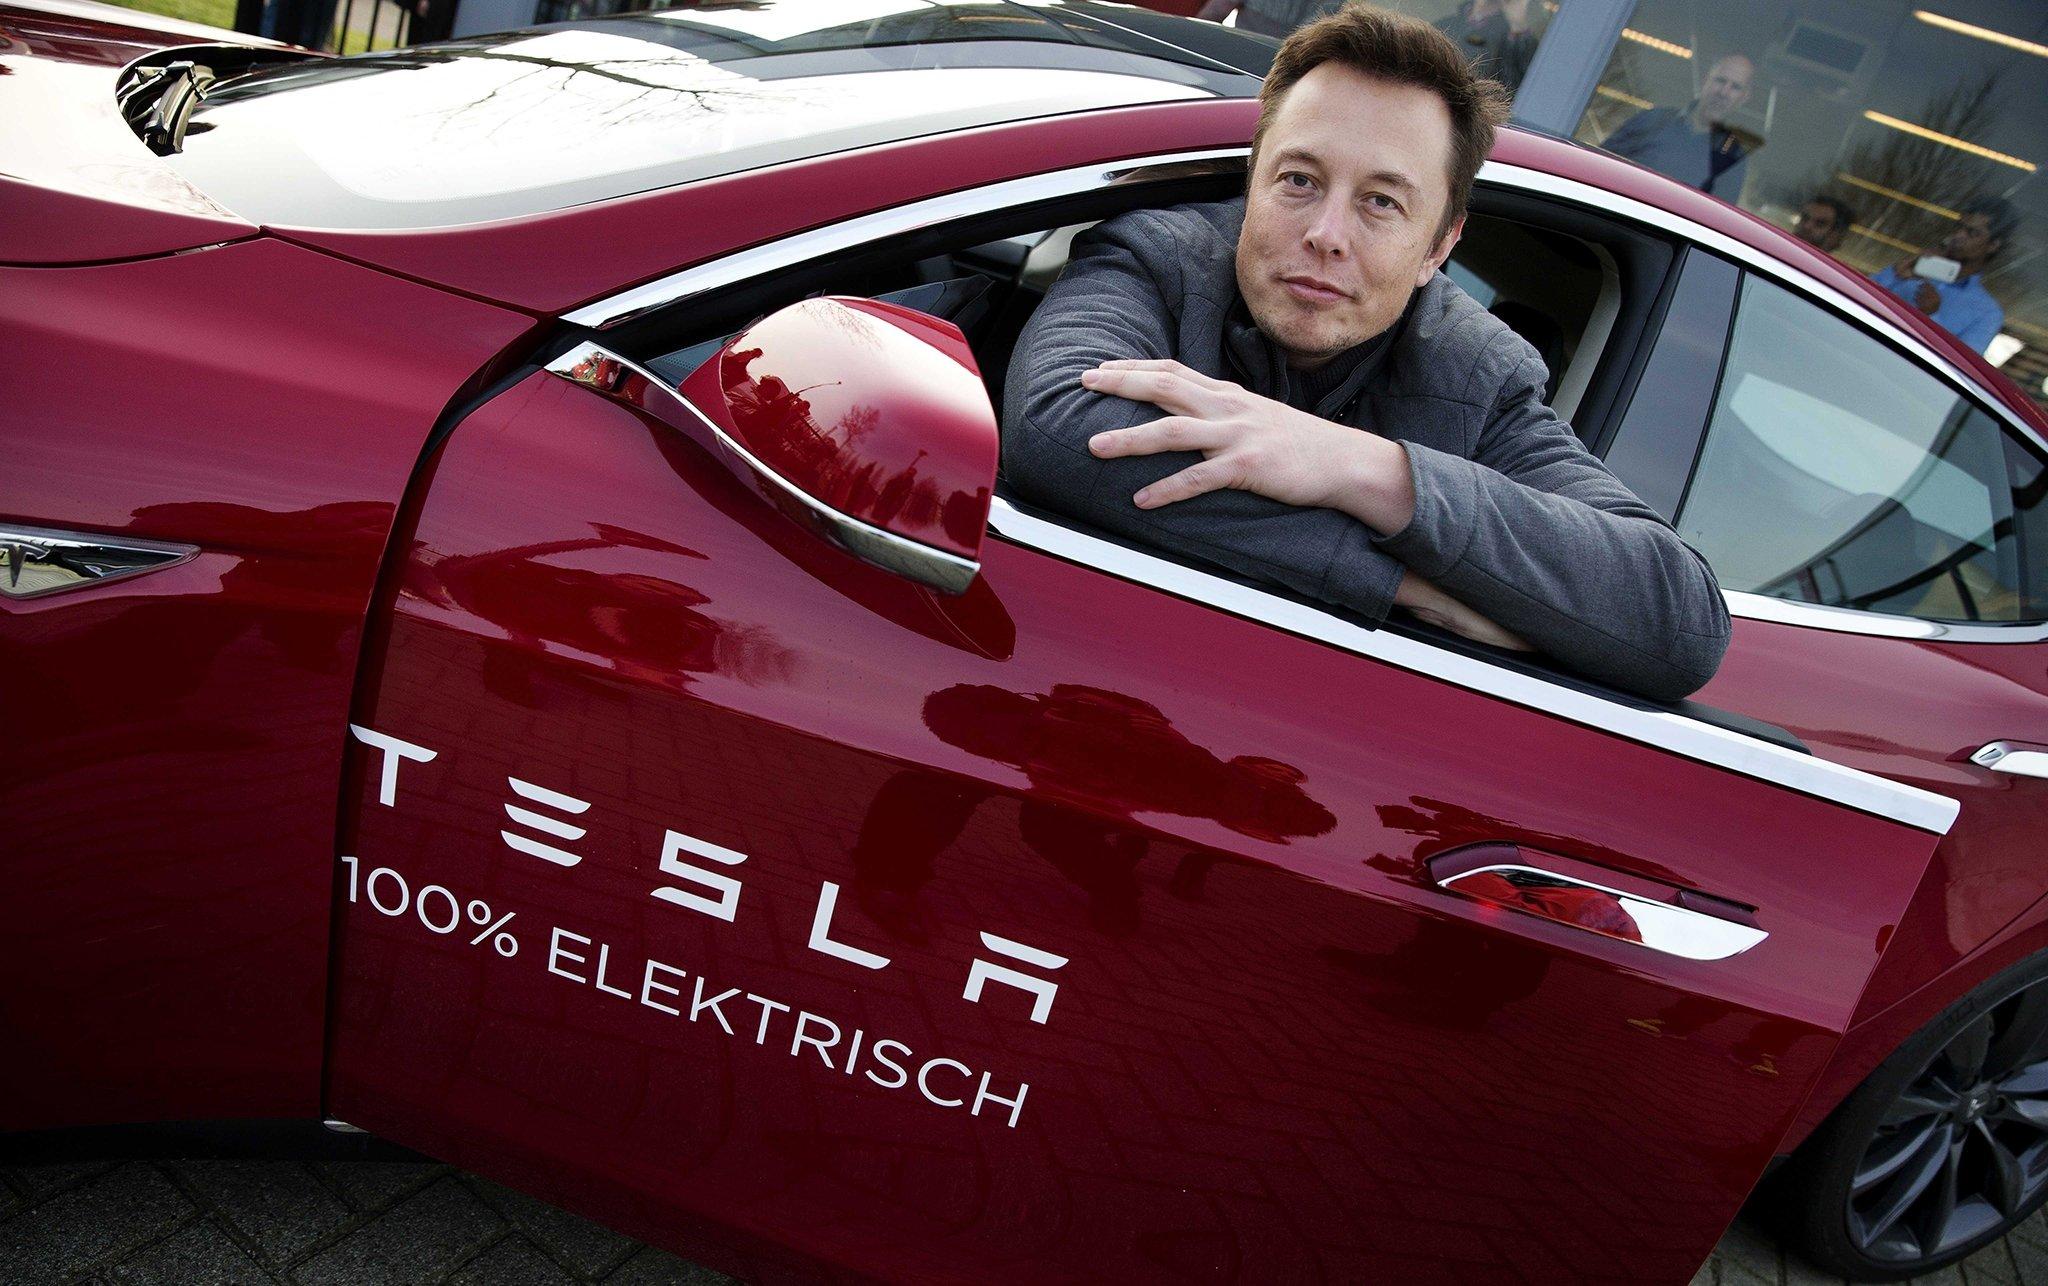 Изображение Новости на фондовом рынке: итоги пятничных торгов на нью-йоркской бирже, Tesla снова будет отзывать свои электромобили, Китай не раскрывает информацию о заболевших коронавирусом